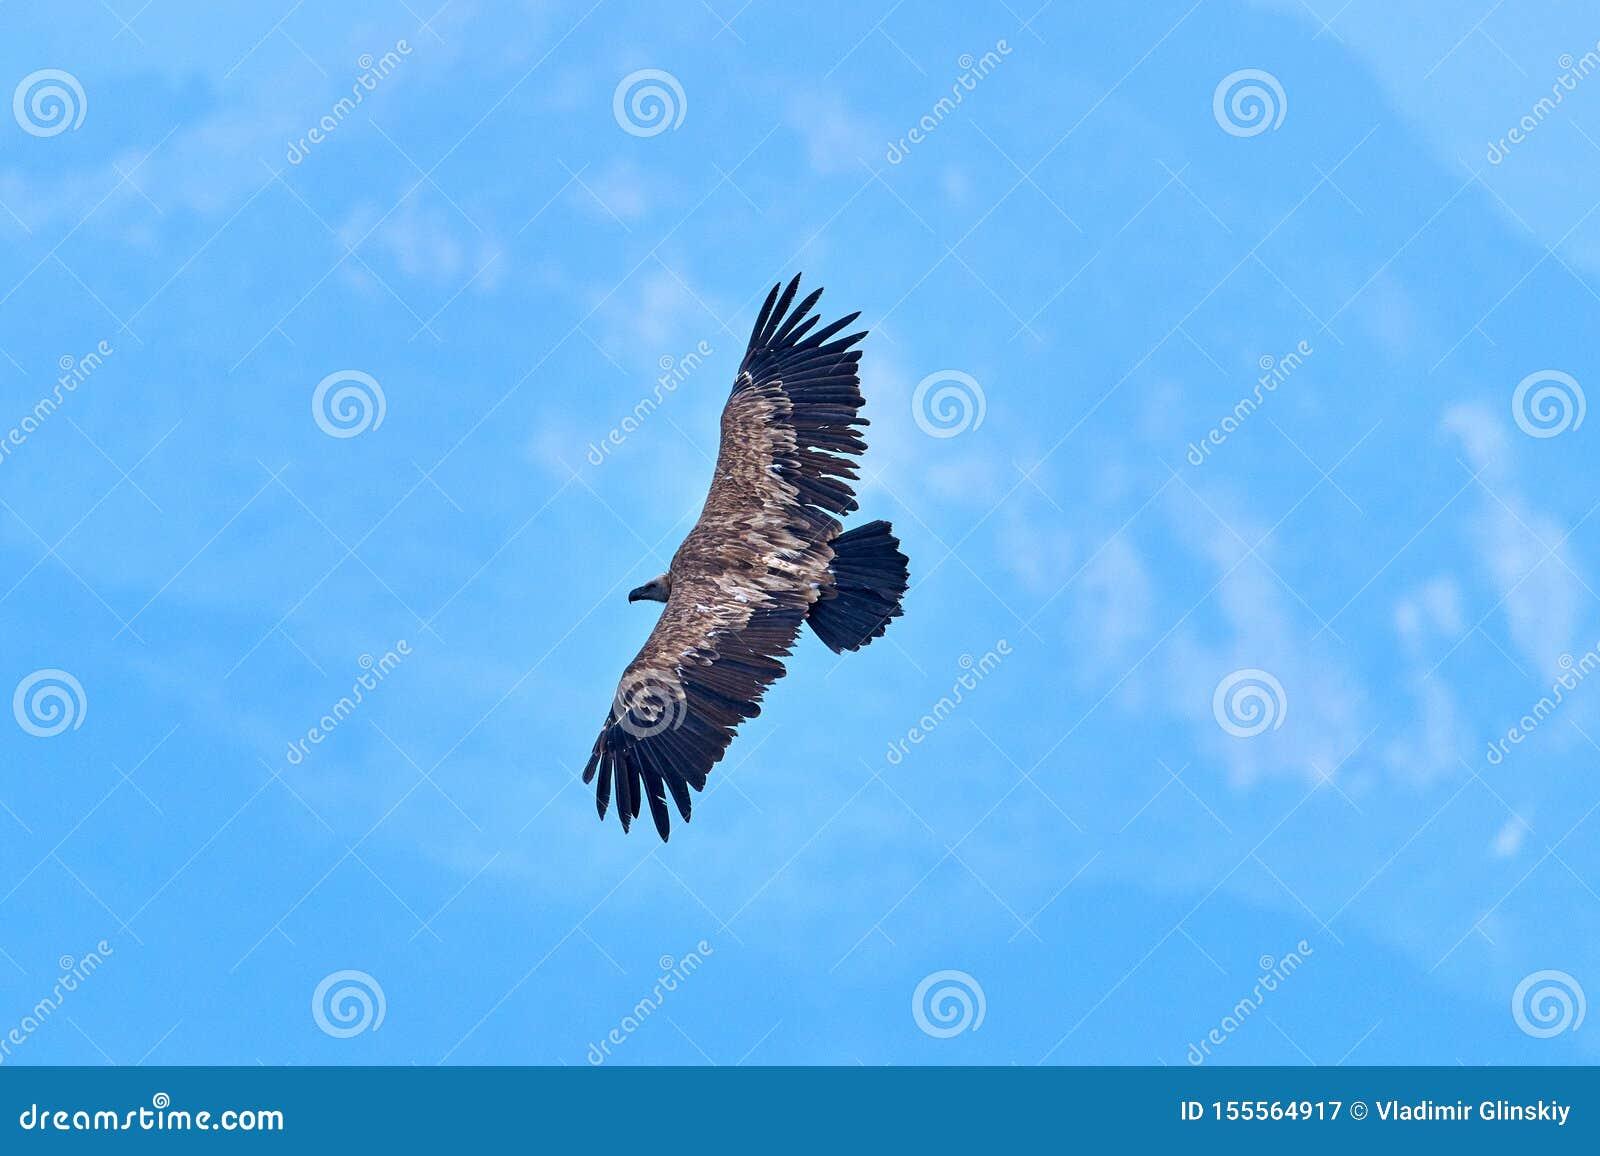 Griffon Vulture Griffin Vulture Geier, Fingerboard, Greif, Gänsegeier G?nsegeierflug